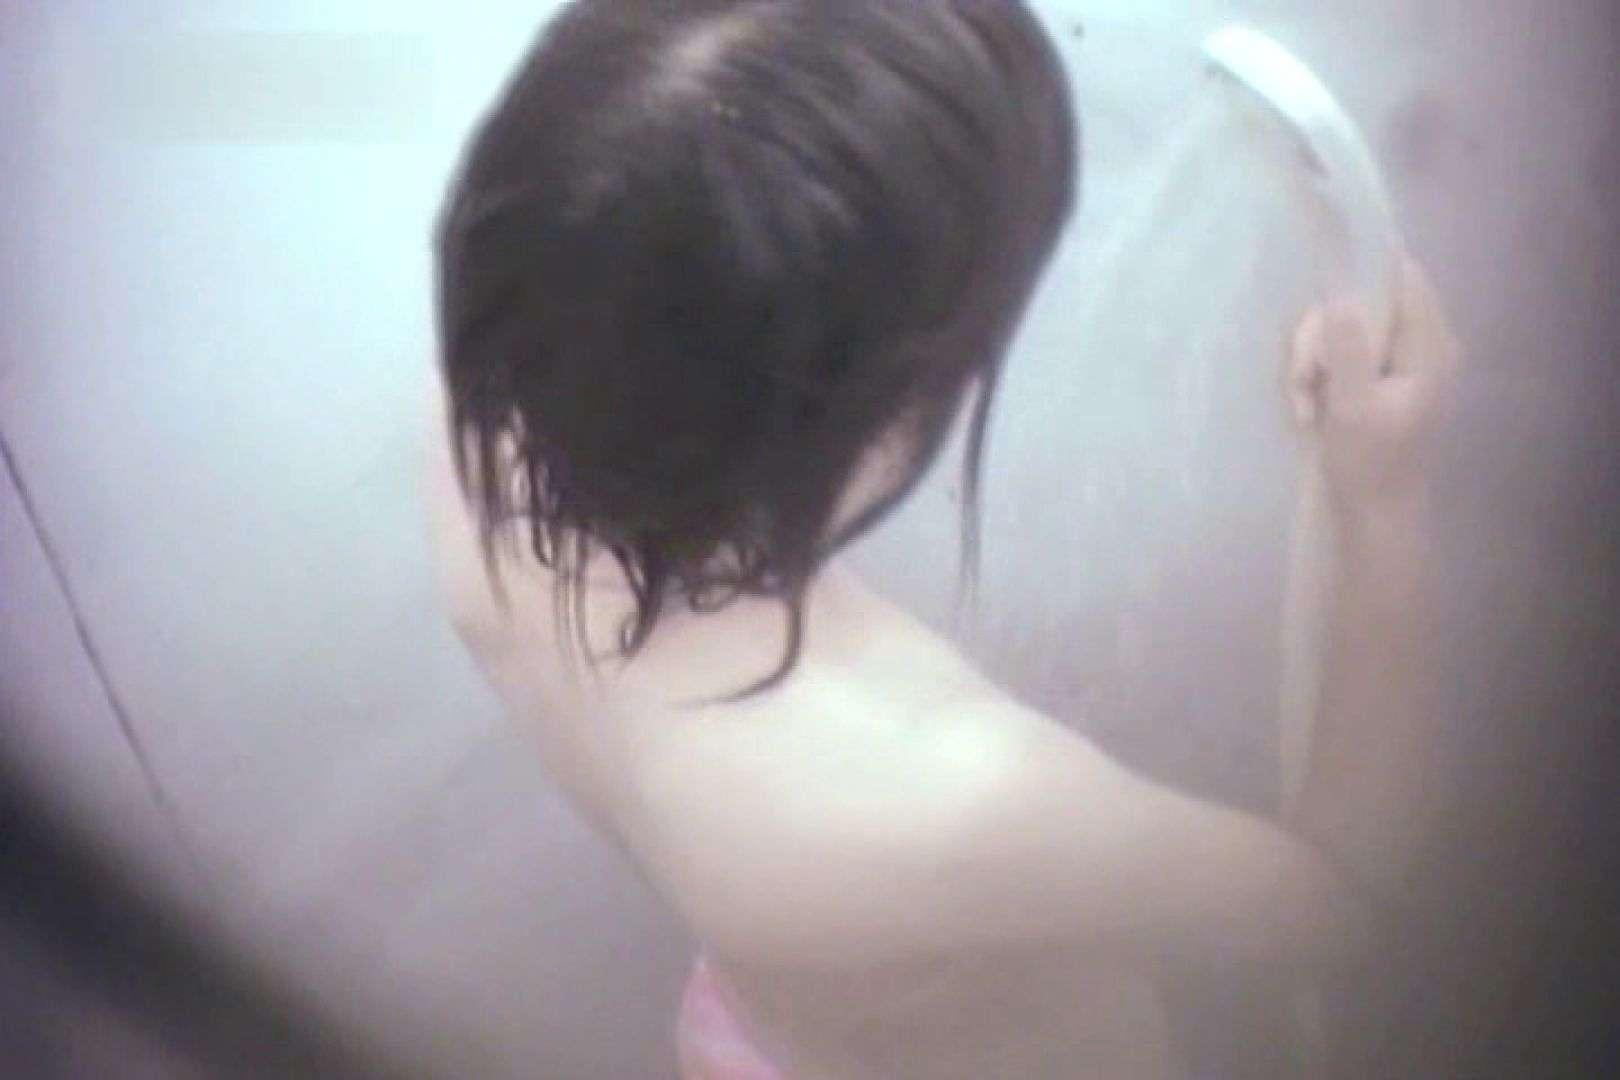 夏海シャワー室!ベトベトお肌をサラサラに!VOL.02 シャワー 覗きスケベ動画紹介 94pic 79